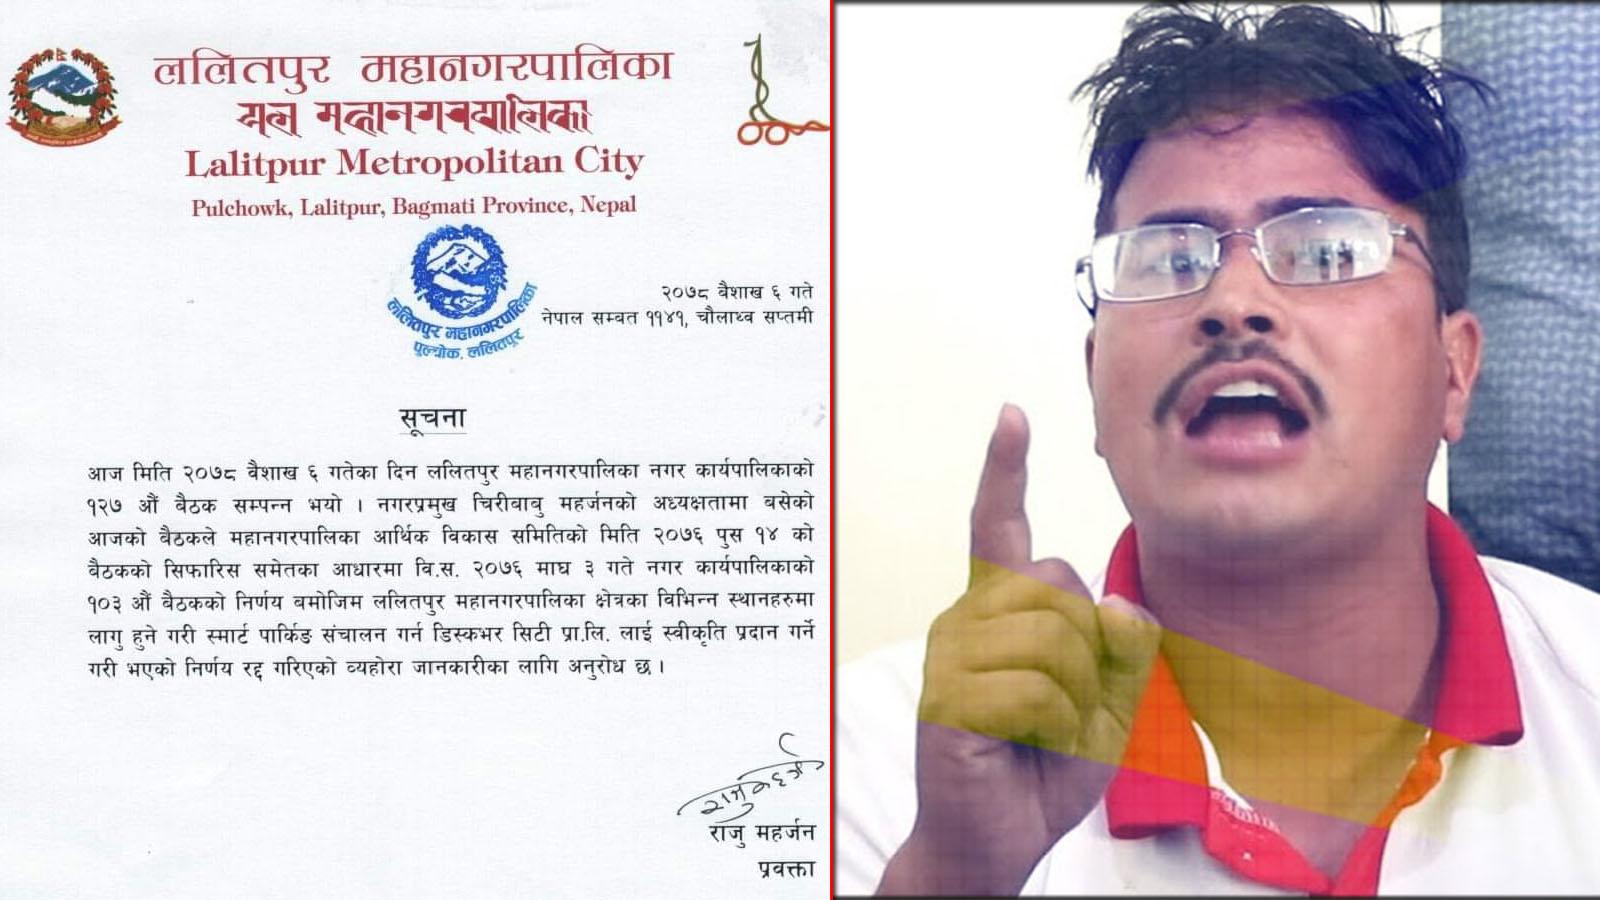 ज्ञानेन्द्र शाहीद्वारा ललितपुर महानगर विरुद्ध अख्तियारमा मुद्दा, हट्यो स्मार्ट पार्किङ्ग